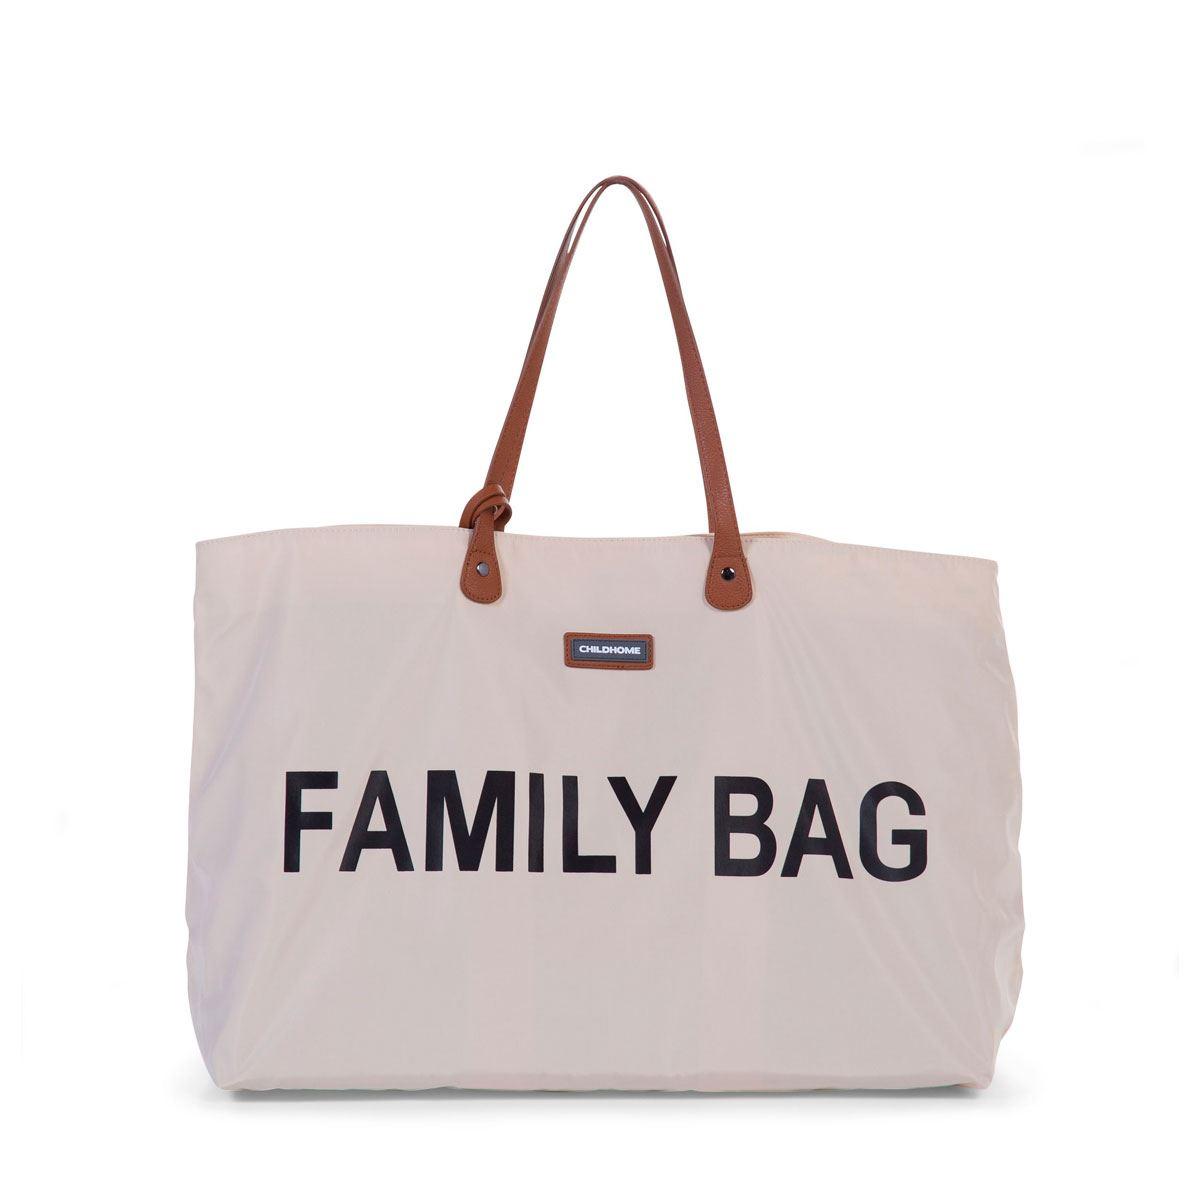 Bolso Family Bag Offwhite